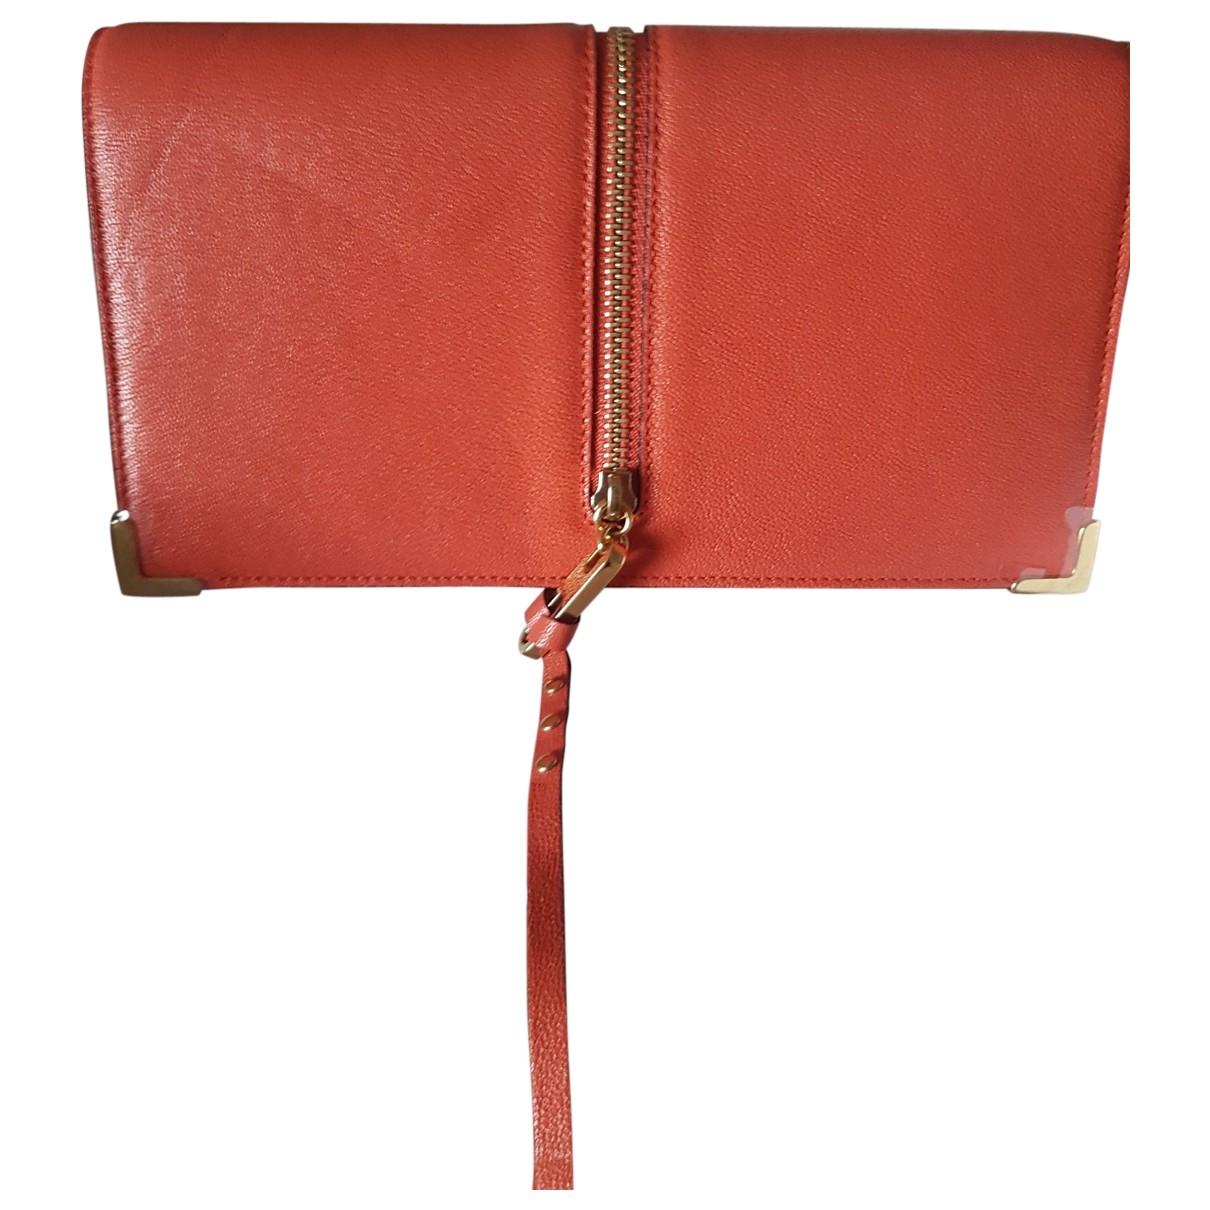 Chloe \N Portemonnaie in  Rot Leder